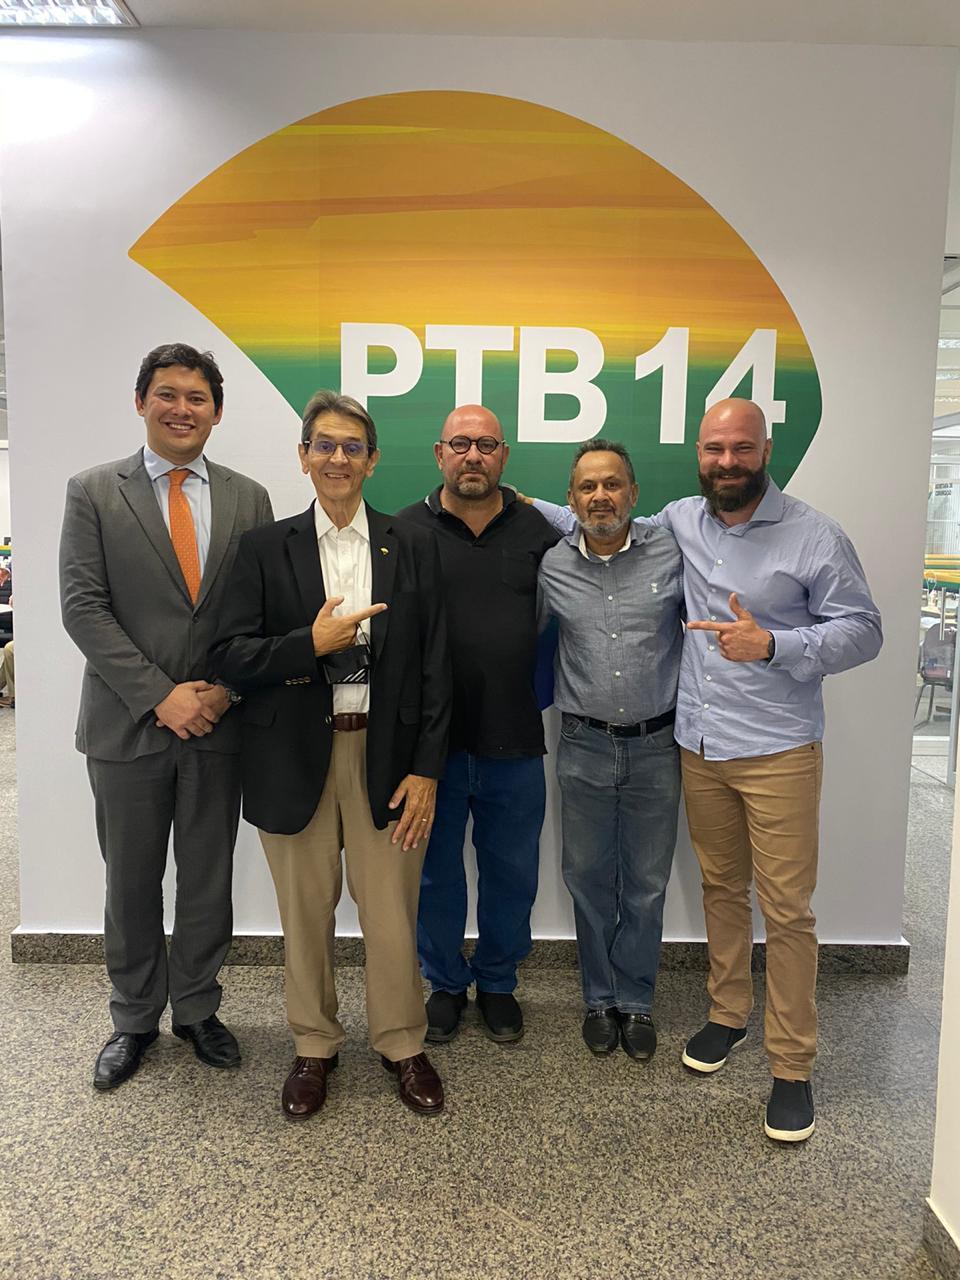 Ex-ministro do Trabalho Helton Yomura, Roberto Jefferson, Tabanez, advogado Beltides José da Roch, 1º secretário Jurídico do PTB, Luiz Gustavo Pereira da Cunha.